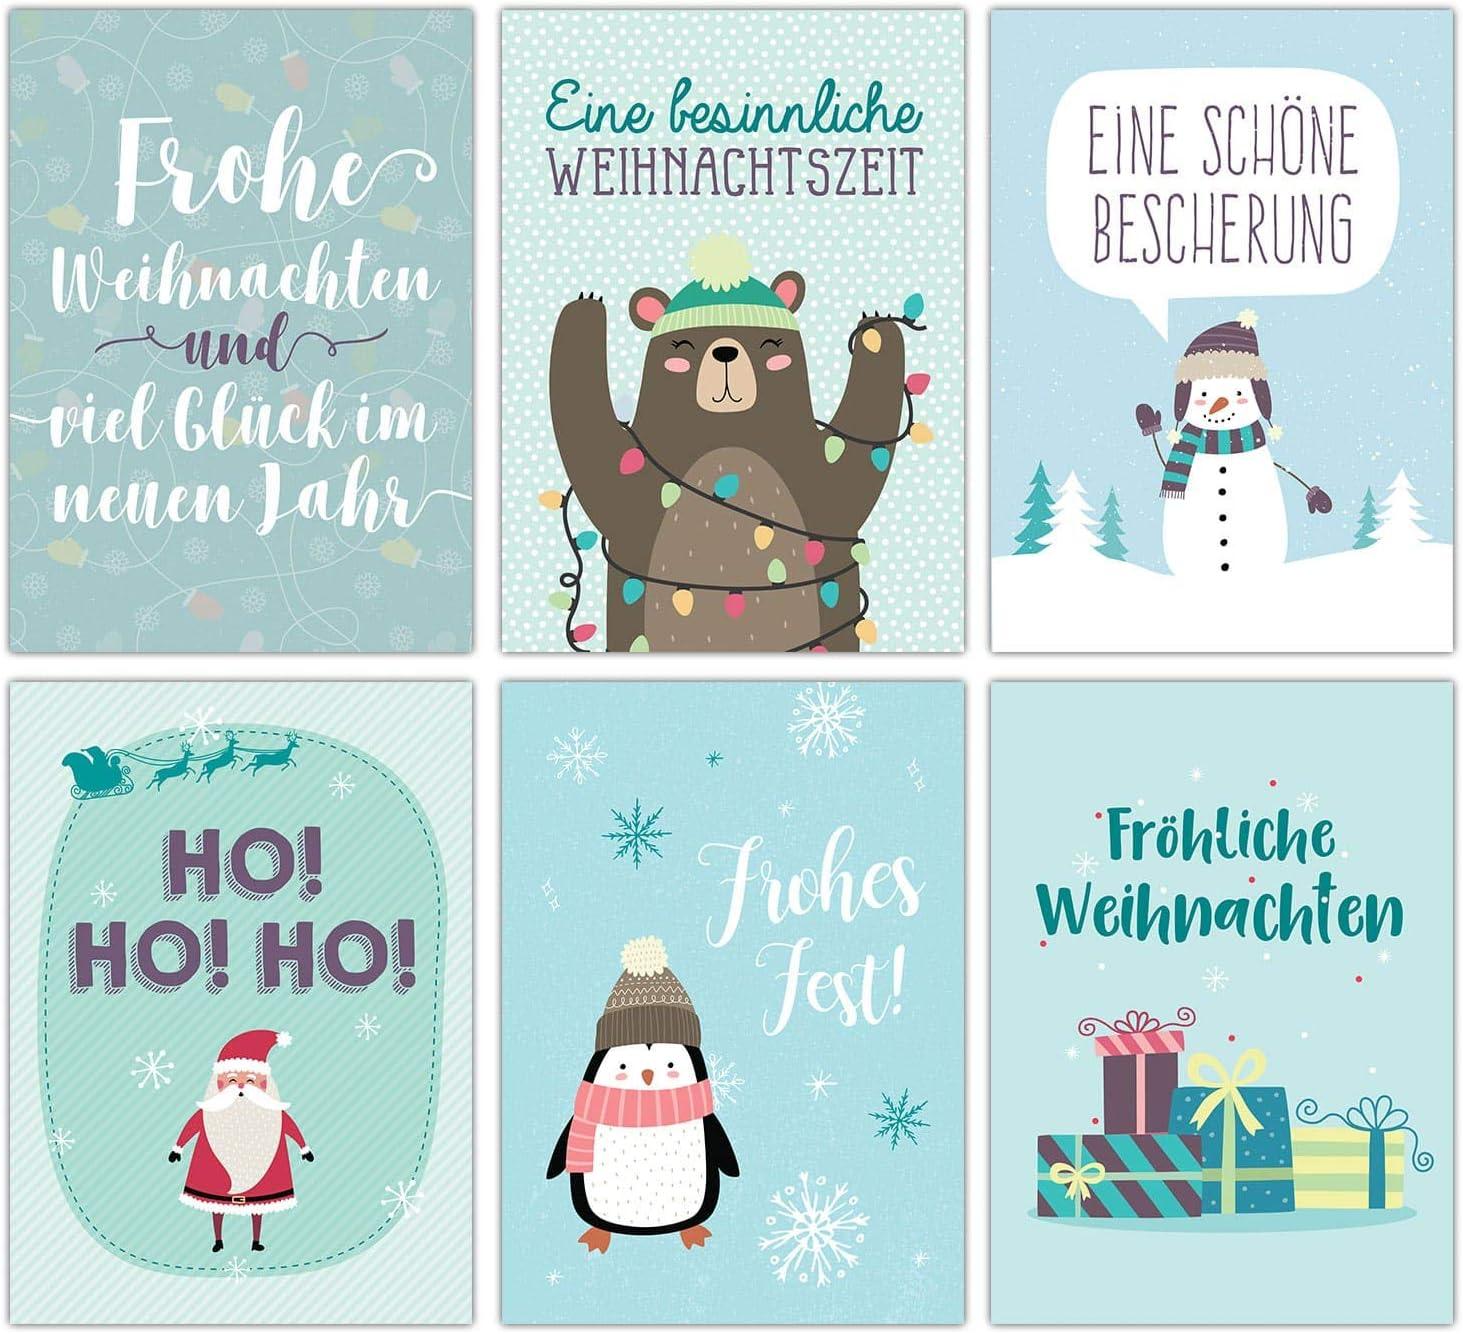 Karten Set 2 Blau 12 Postkarten f/ür Weihnachten Weihnachtskarten Set Kunstdruck zum Verschicken und Sammeln